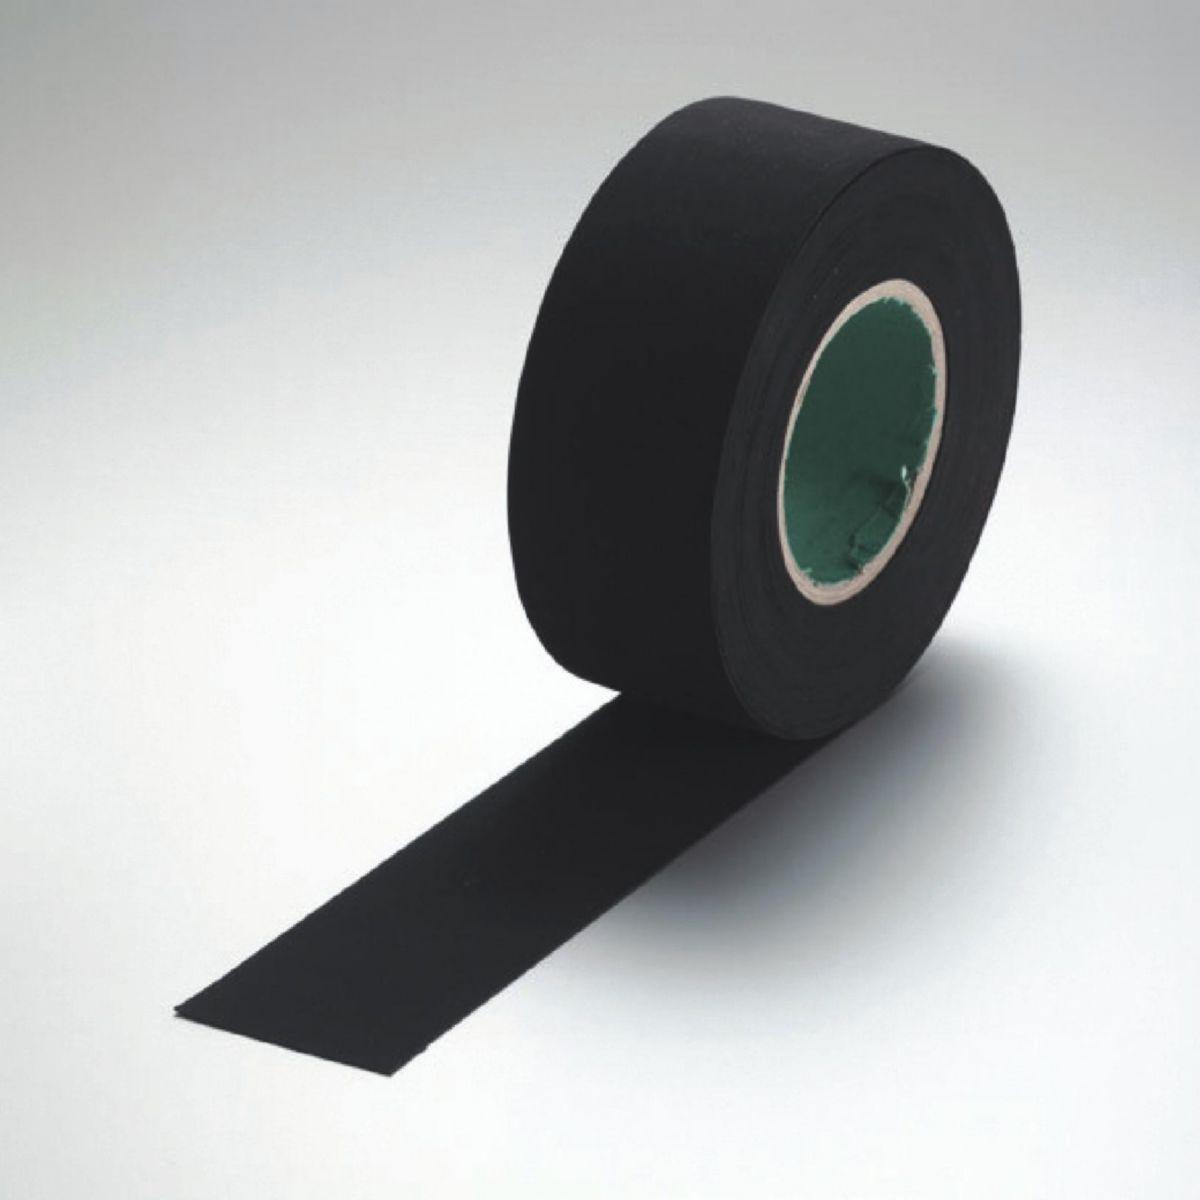 rouleau caoutchouc exterieur good caillebotis caoutchouc bords biseauts with rouleau caoutchouc. Black Bedroom Furniture Sets. Home Design Ideas